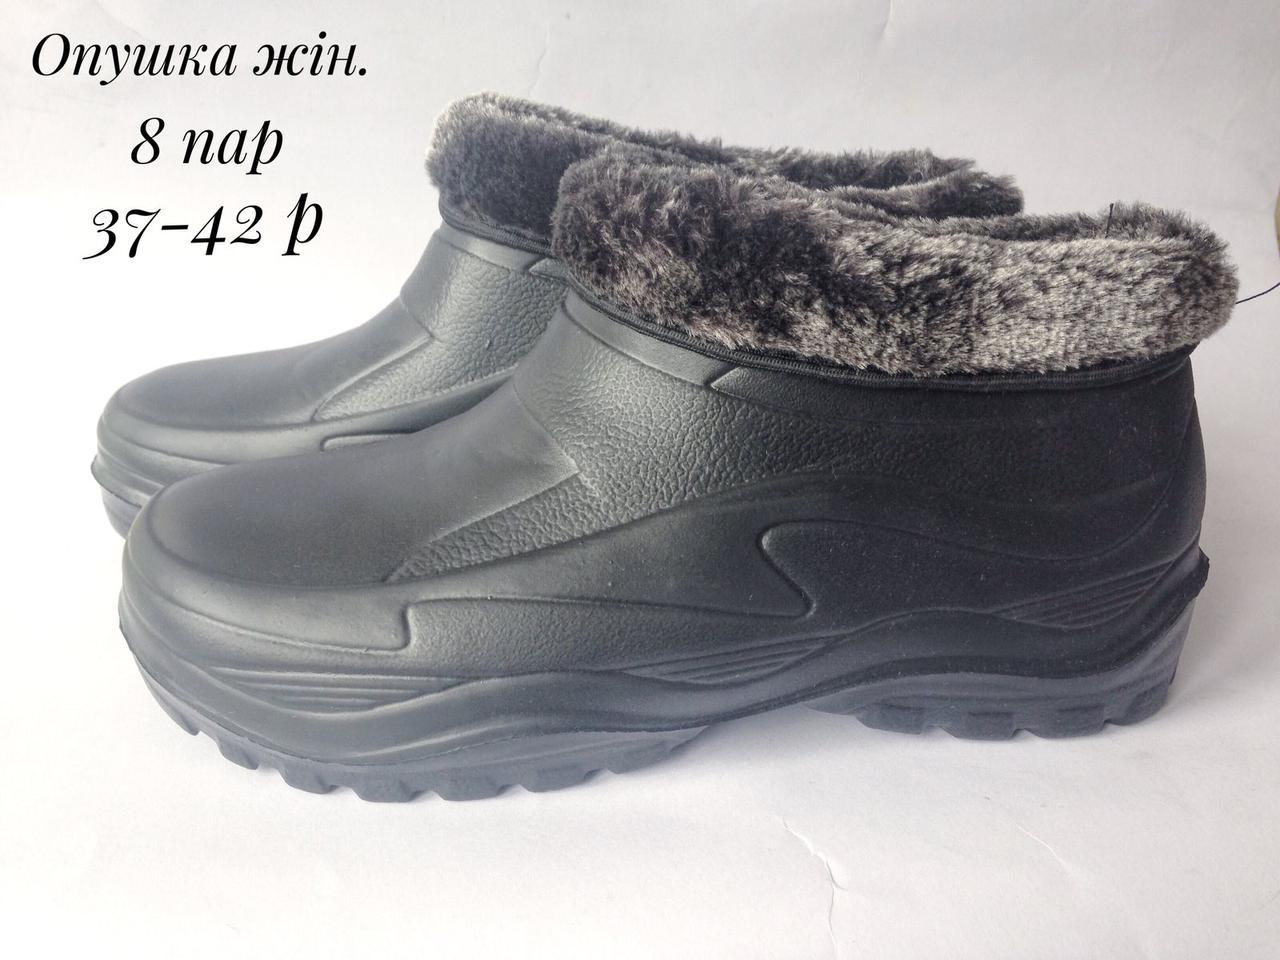 Галоши пена женские Faiica 37-42р с опушкой